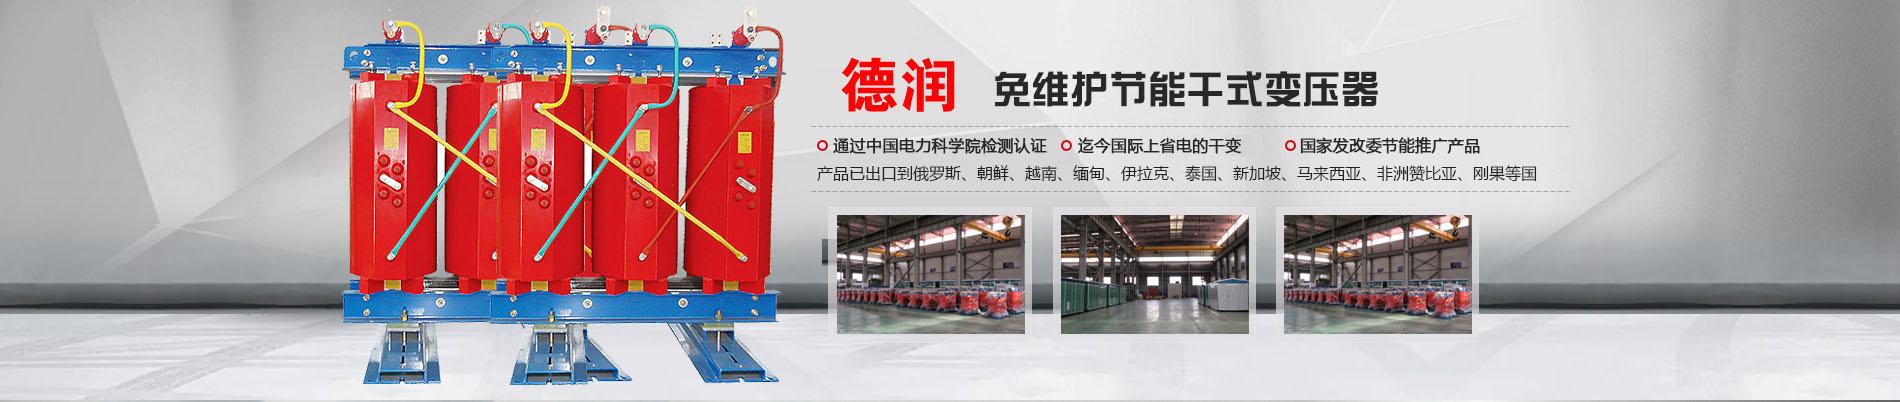 亳州干式变压器厂家